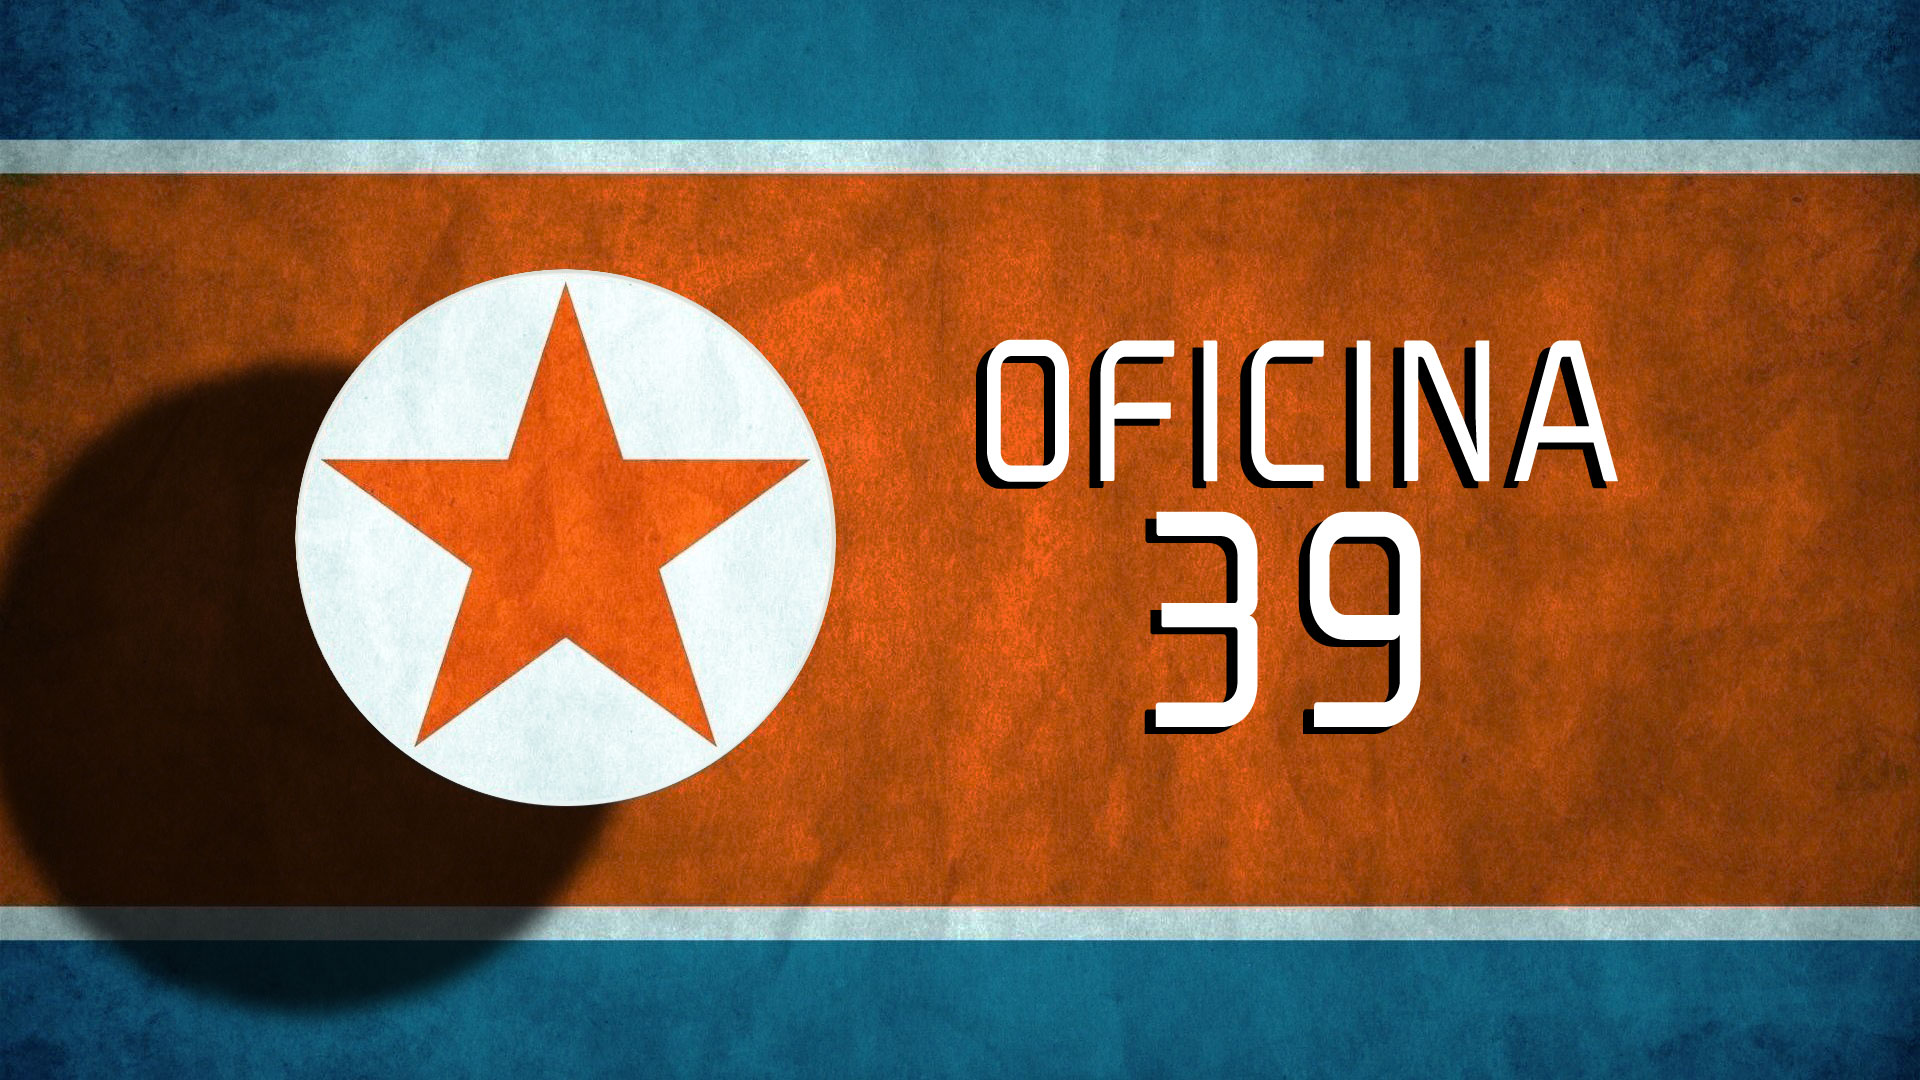 Oficina 39